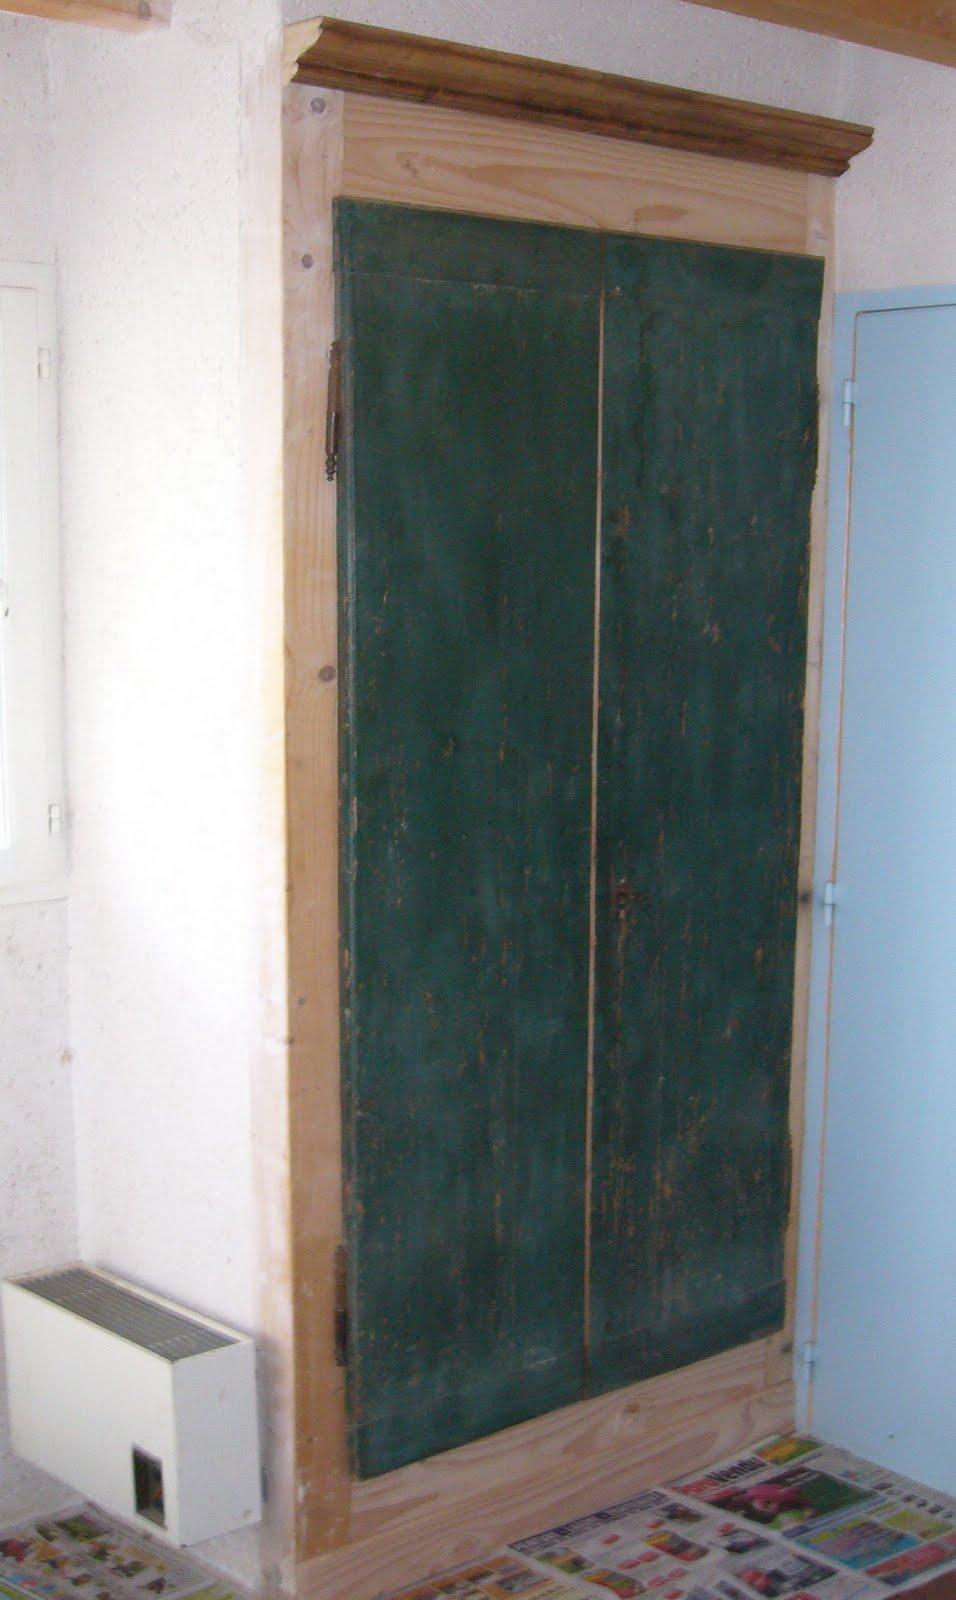 Trompe l 39 oeil autour d 39 anciennes portes for Trompe oeil porte ancienne